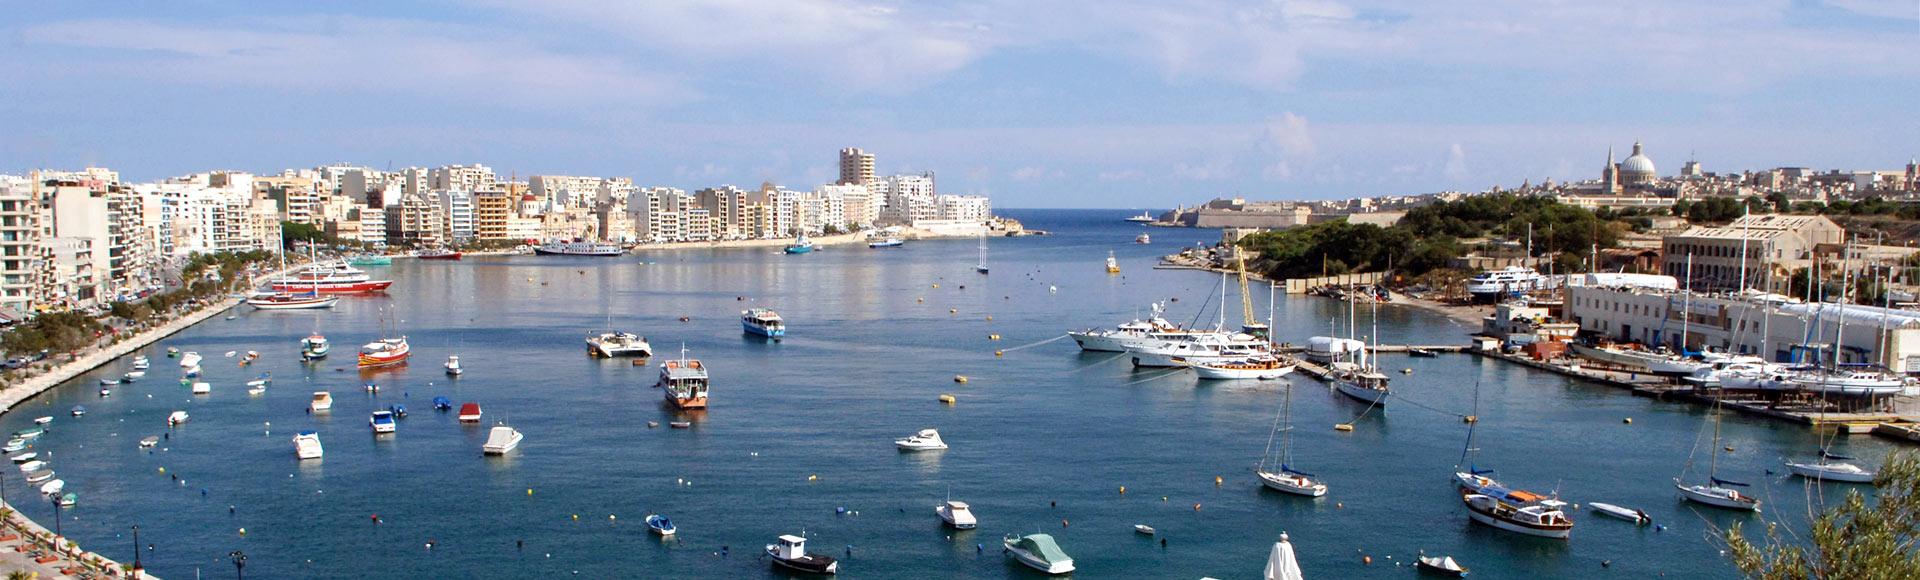 Cursos de inglés en Sliema Malta